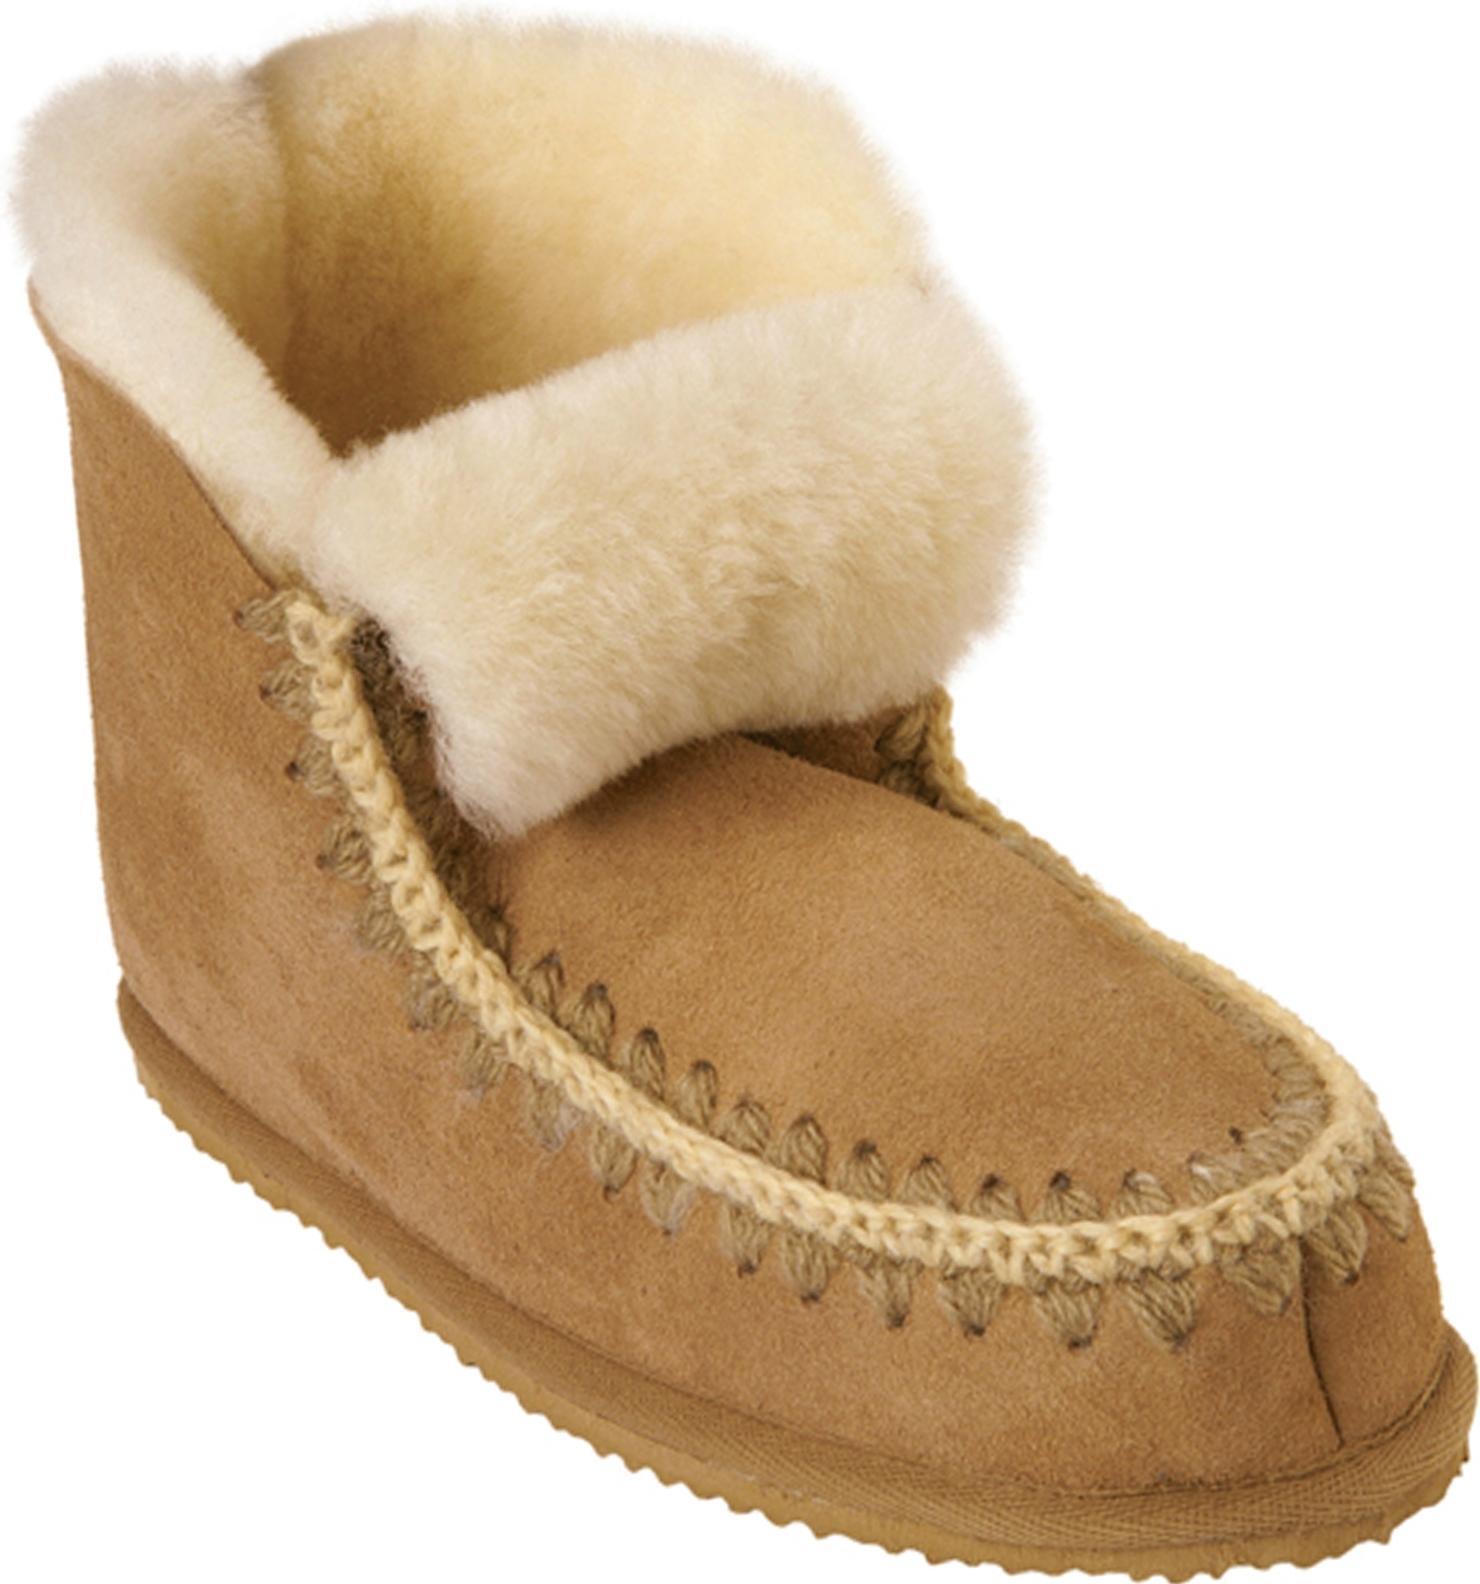 Pastor Pia señoras para mujer zapatillas de de de arranque completo de piel de oveja WAM Cómoda Marrón Castaño  muchas sorpresas